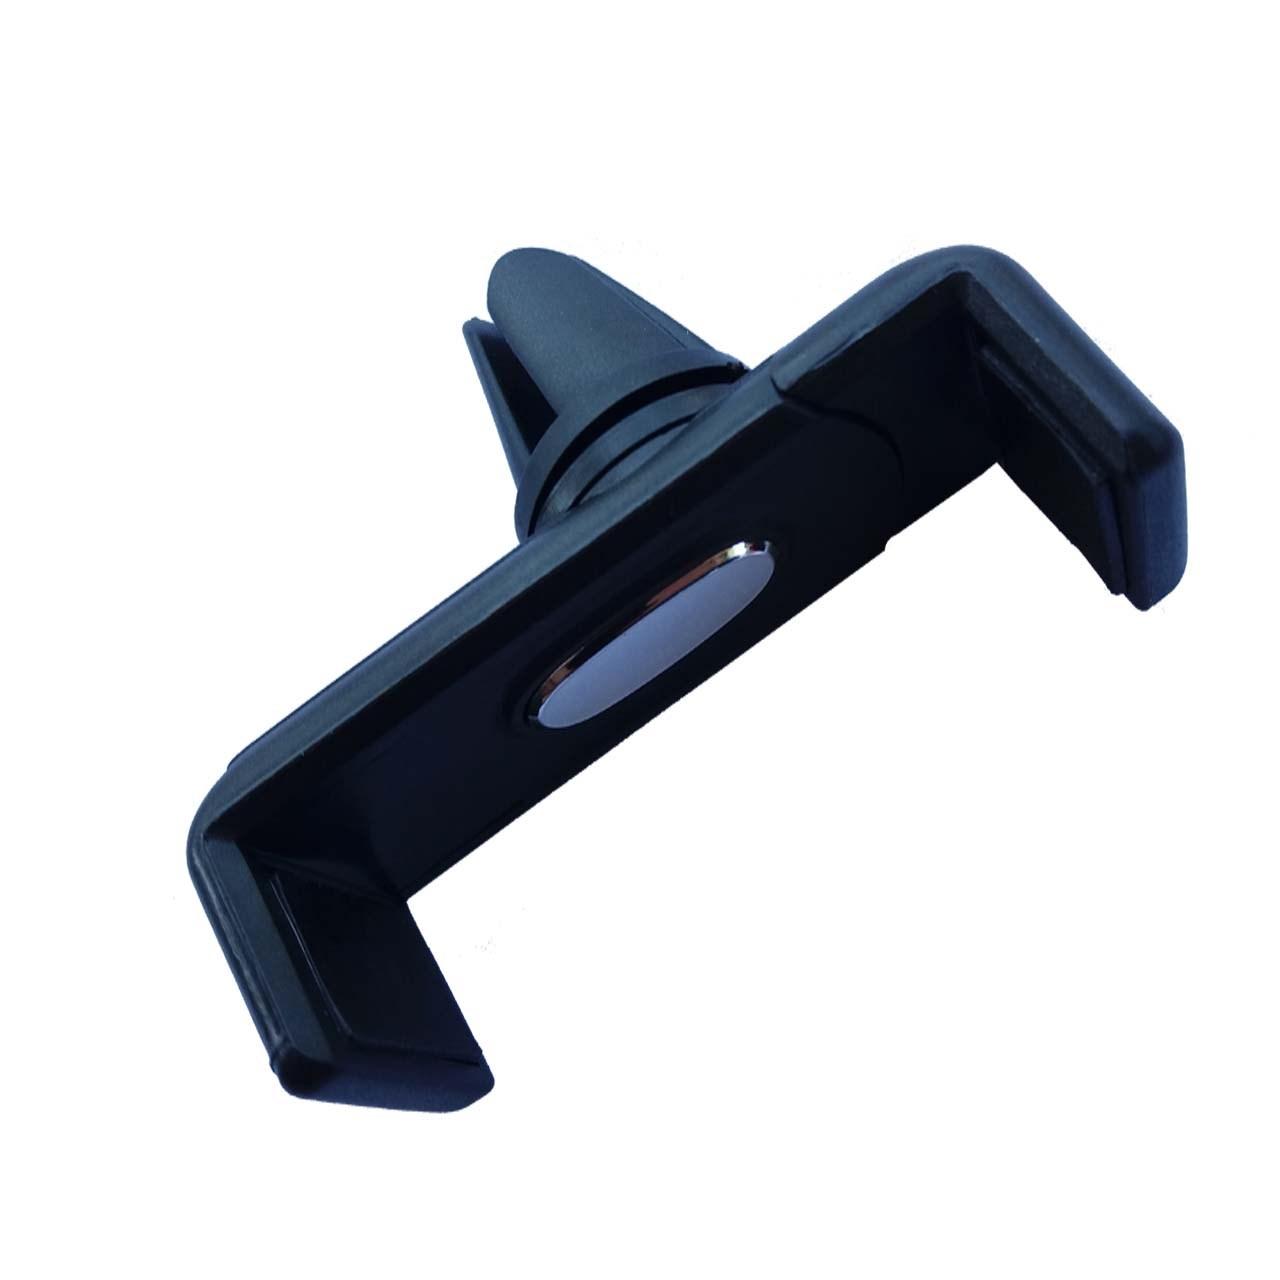 پایه نگهدارنده گوشی موبایل مدل S070